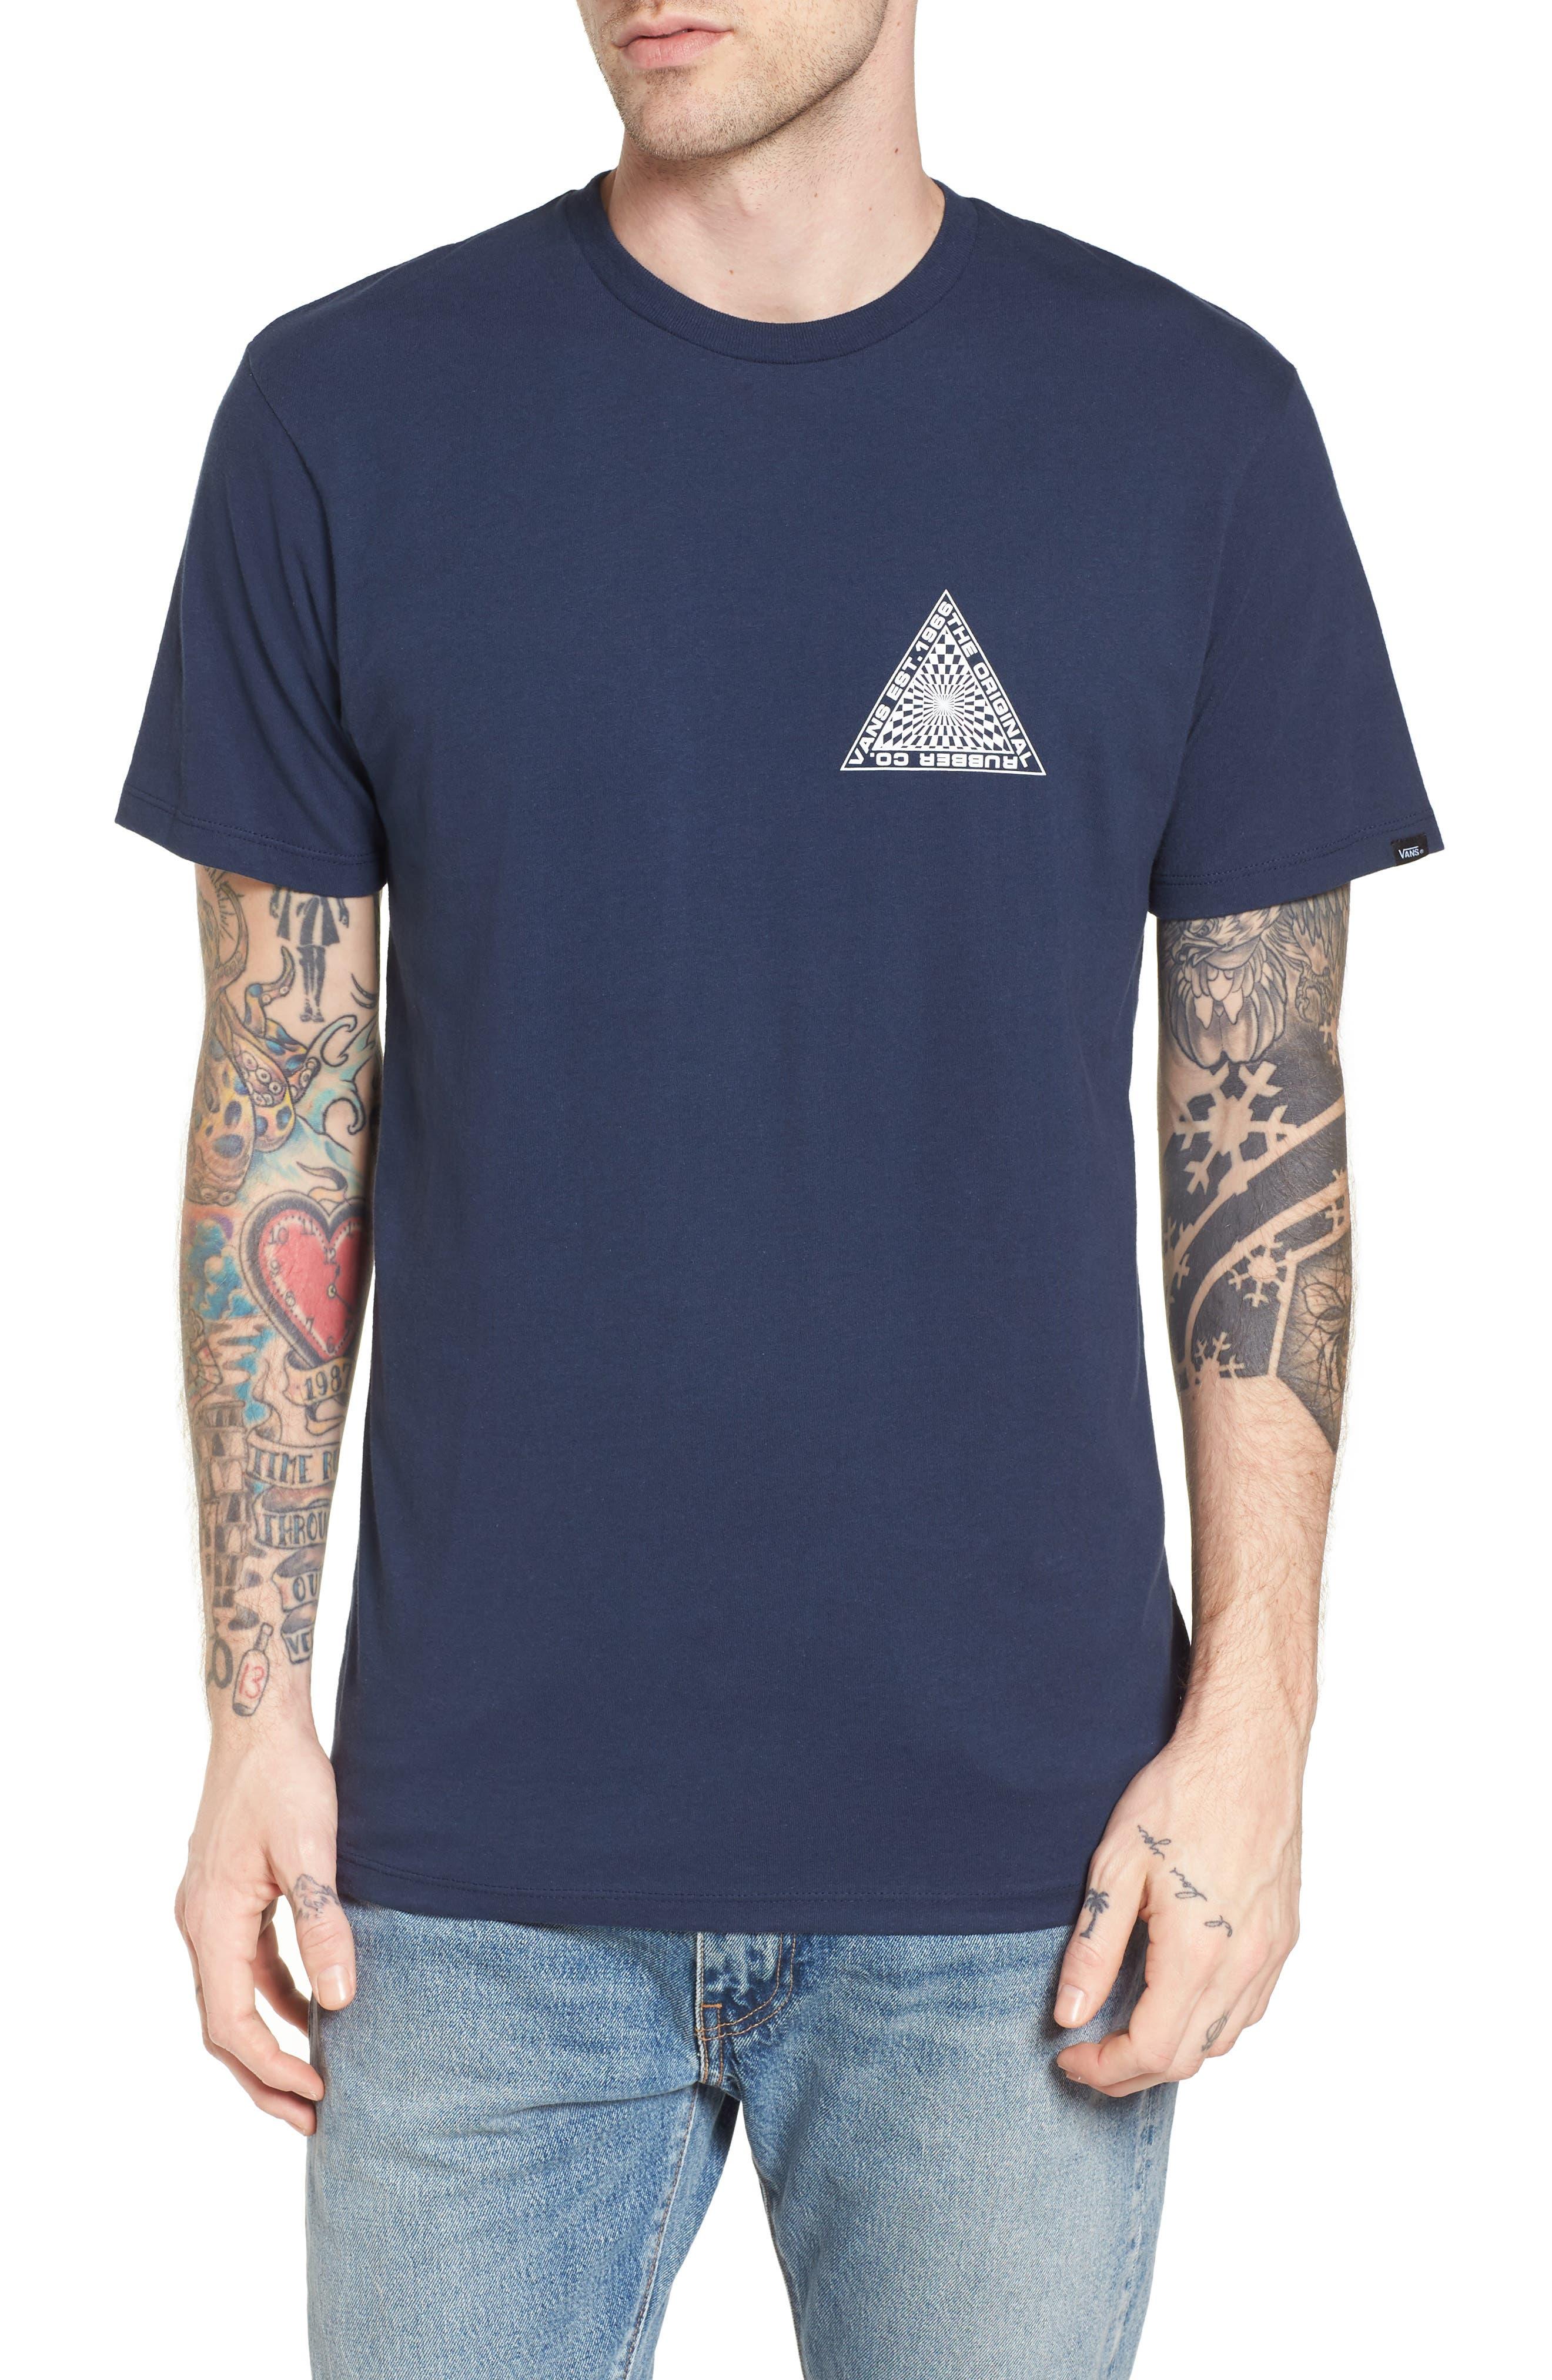 Hypnotics T-Shirt,                         Main,                         color, 401